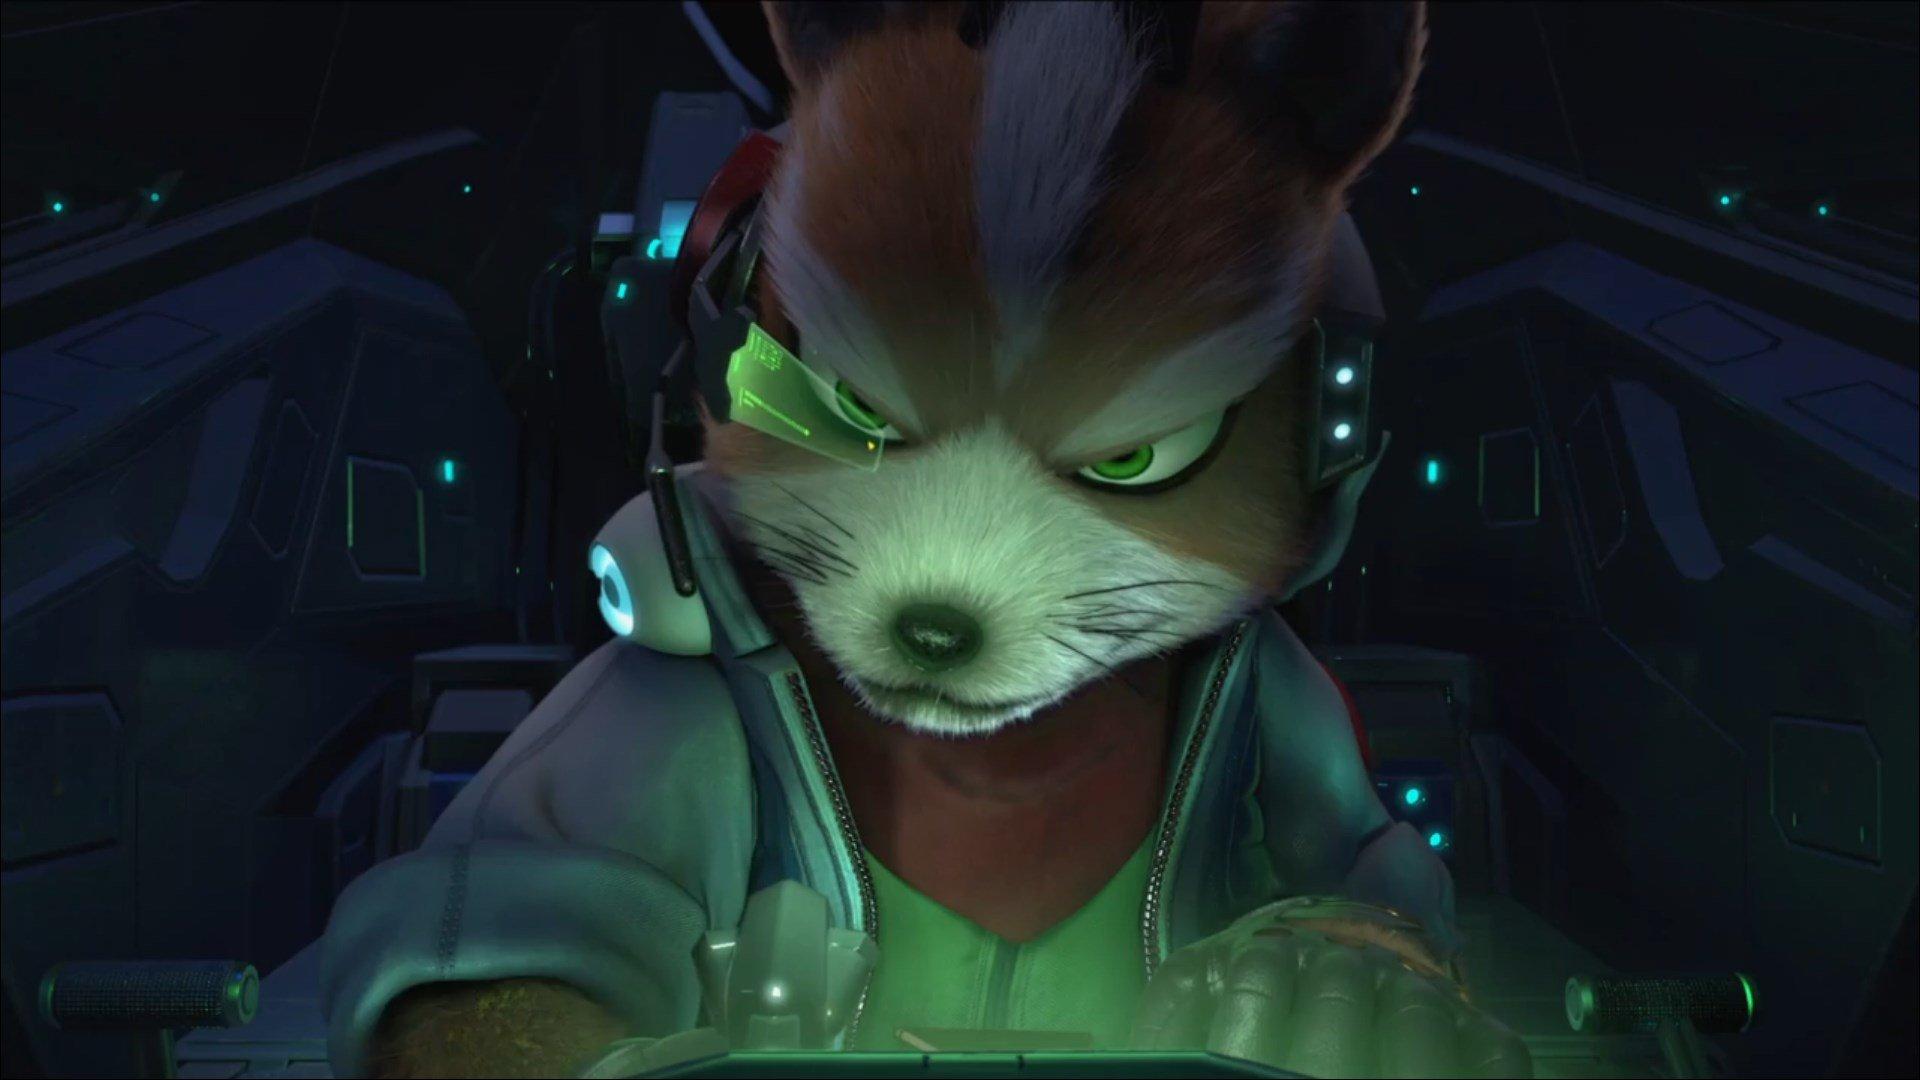 Star Fox se joint à la bataille pour Atlas dans la bande-annonce de Starlink E3